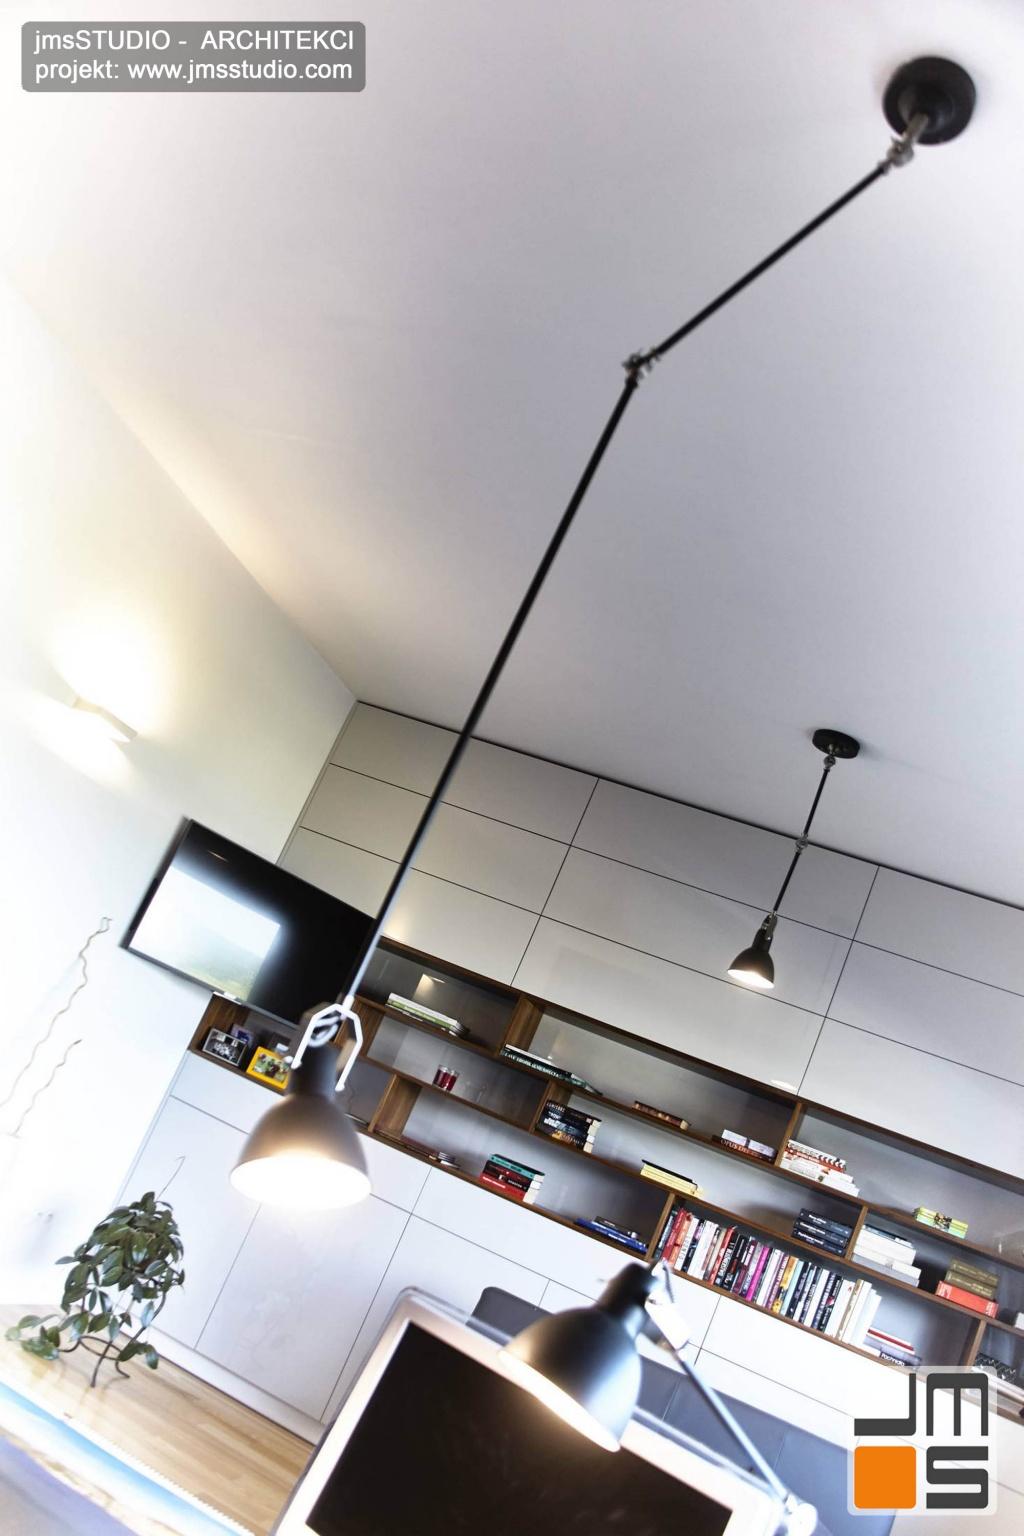 2018 06 designerskie lampy o wyglądzie przemysłowym industrialnym w kolorze czarnym to pomysł na projekt oświetlenia wnętrz w gabinecie do pracy w domu pod Poznaniem